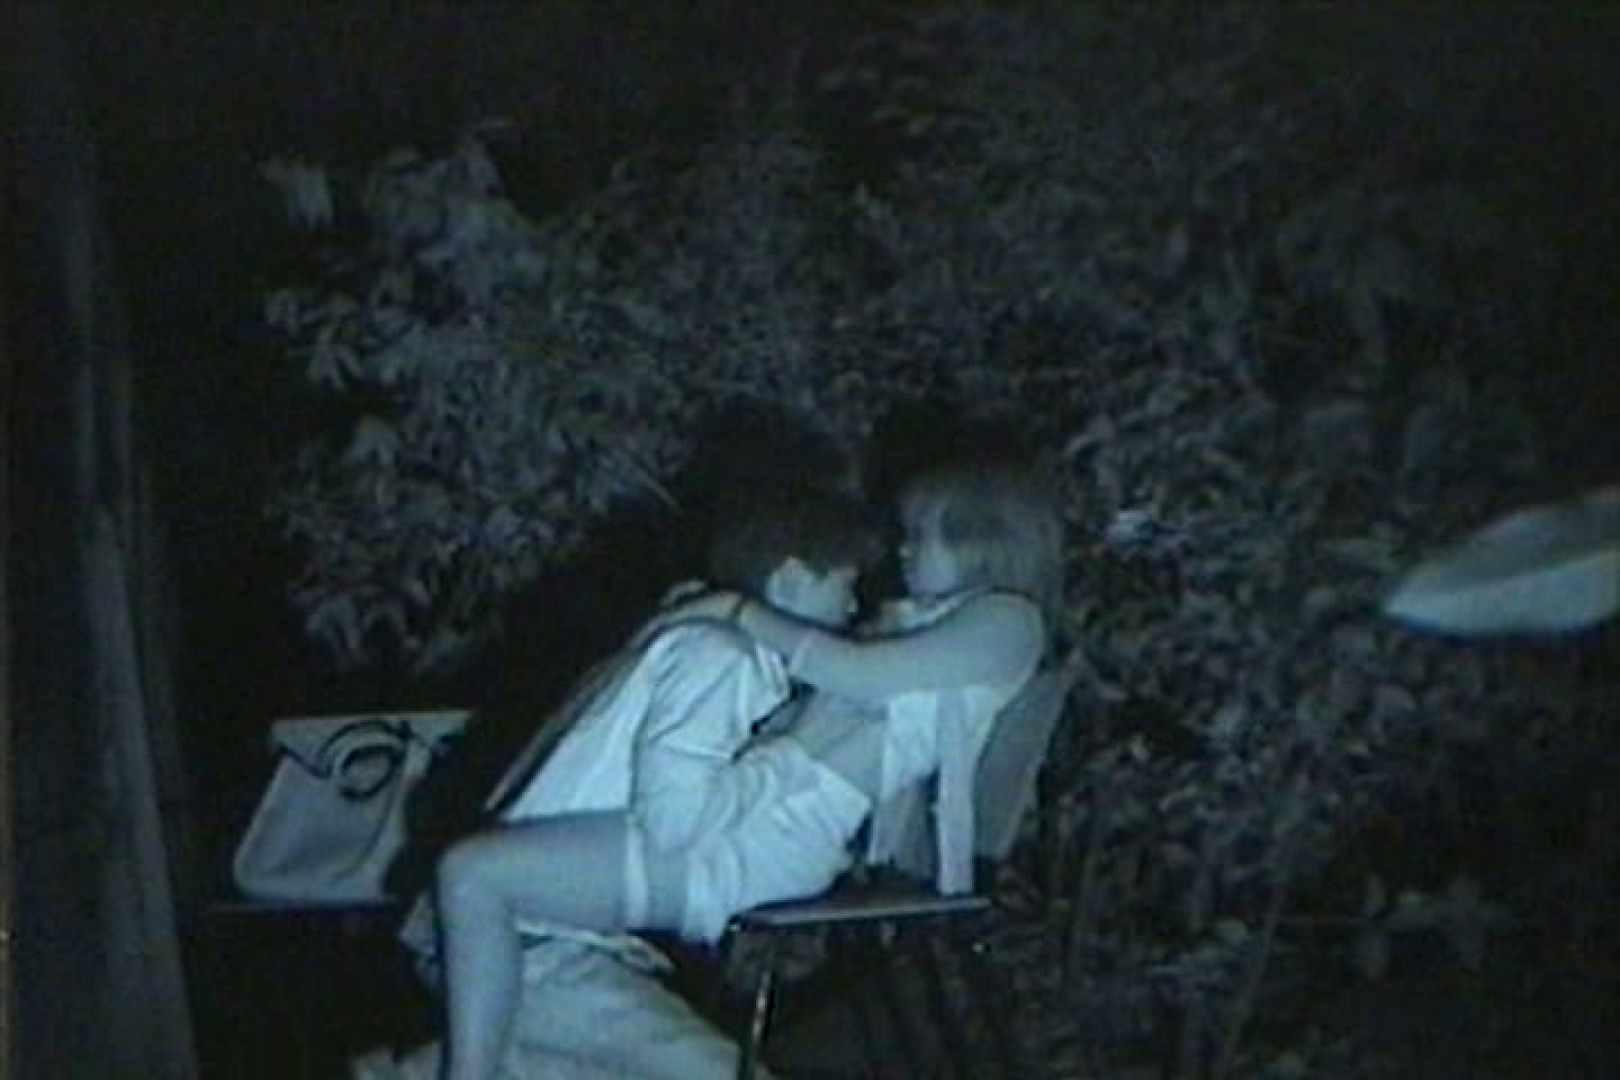 闇の仕掛け人 無修正版 Vol.24 ラブホテル隠し撮り ヌード画像 101pic 9